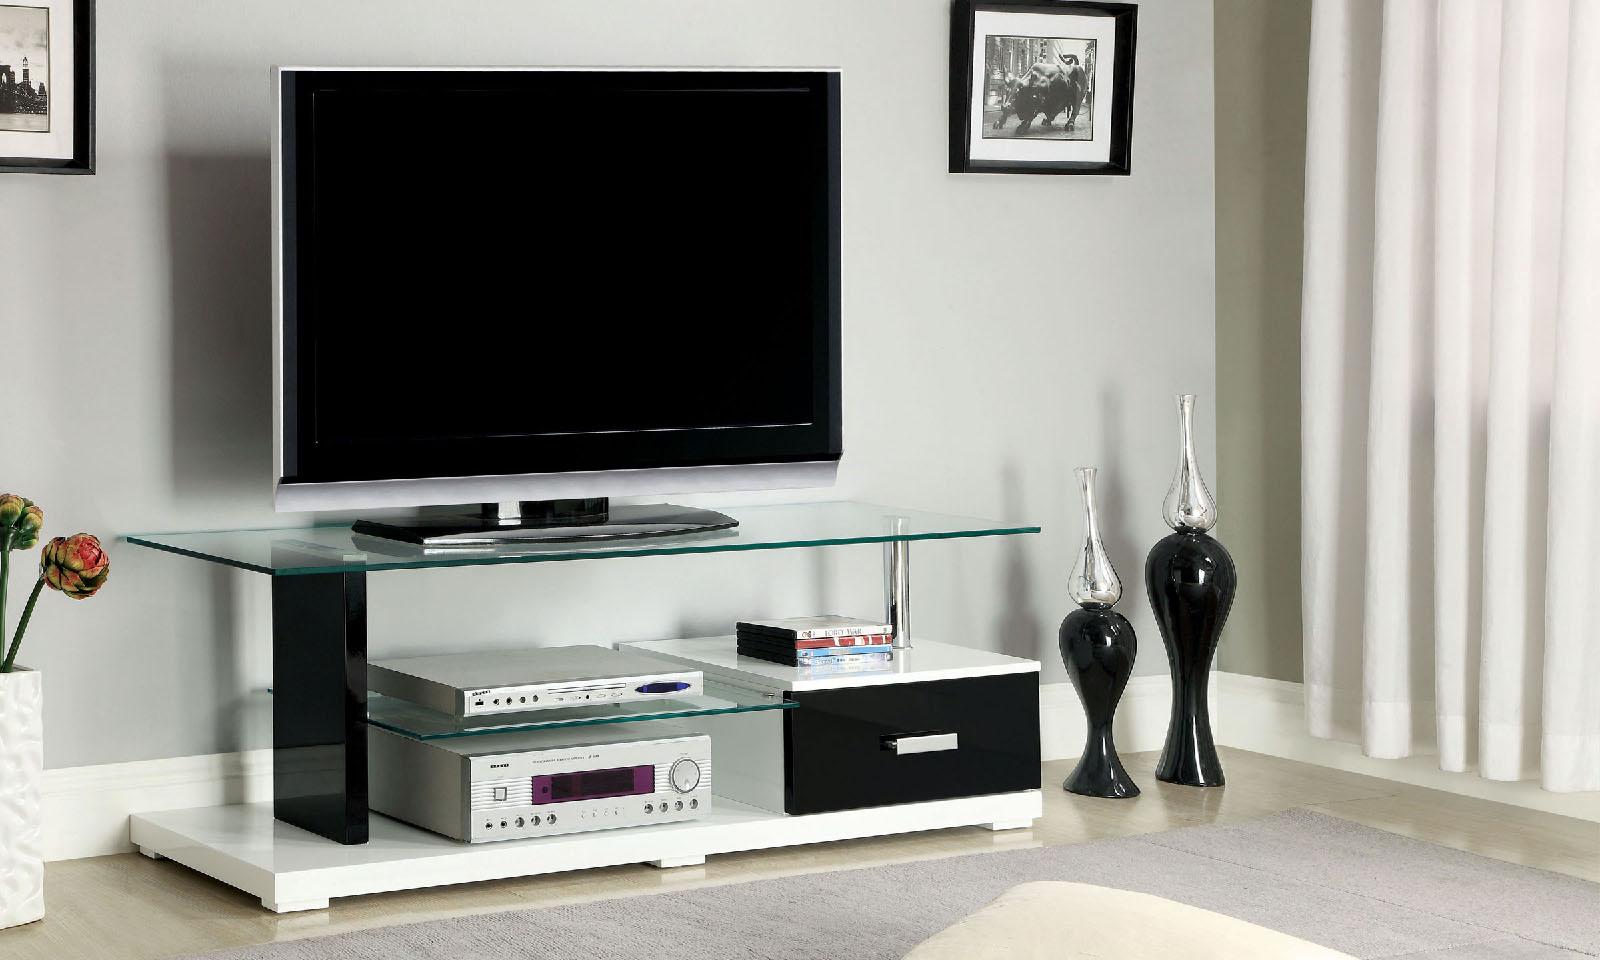 Тумбочка под телевизор — проблемы выбора